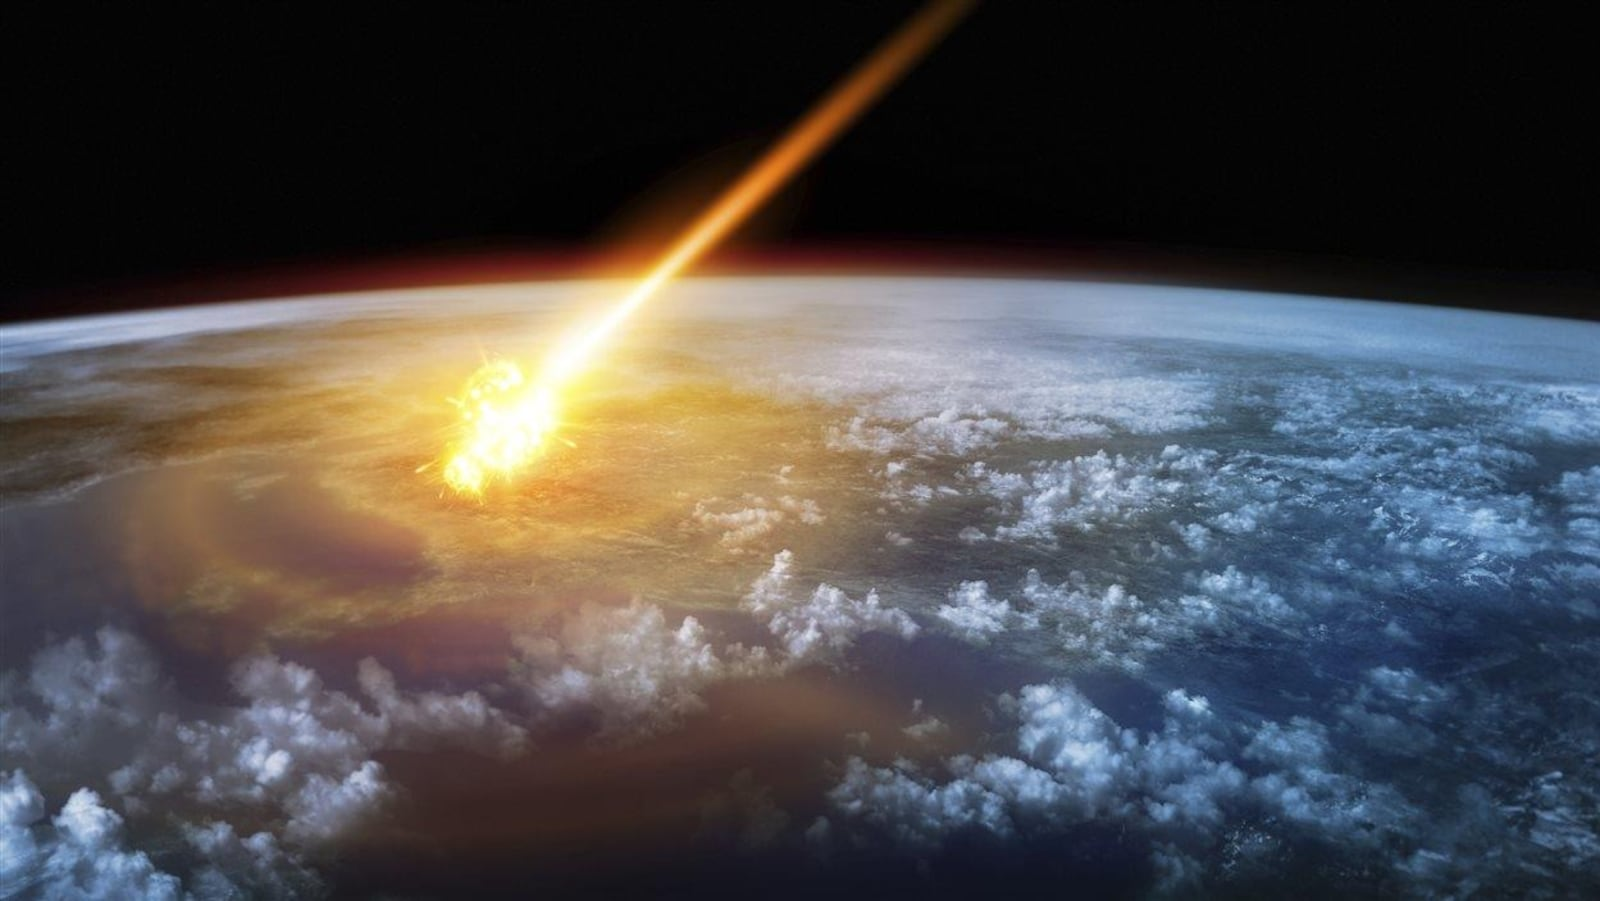 Représentation artistique d'un astéroïde qui frappe la Terre.